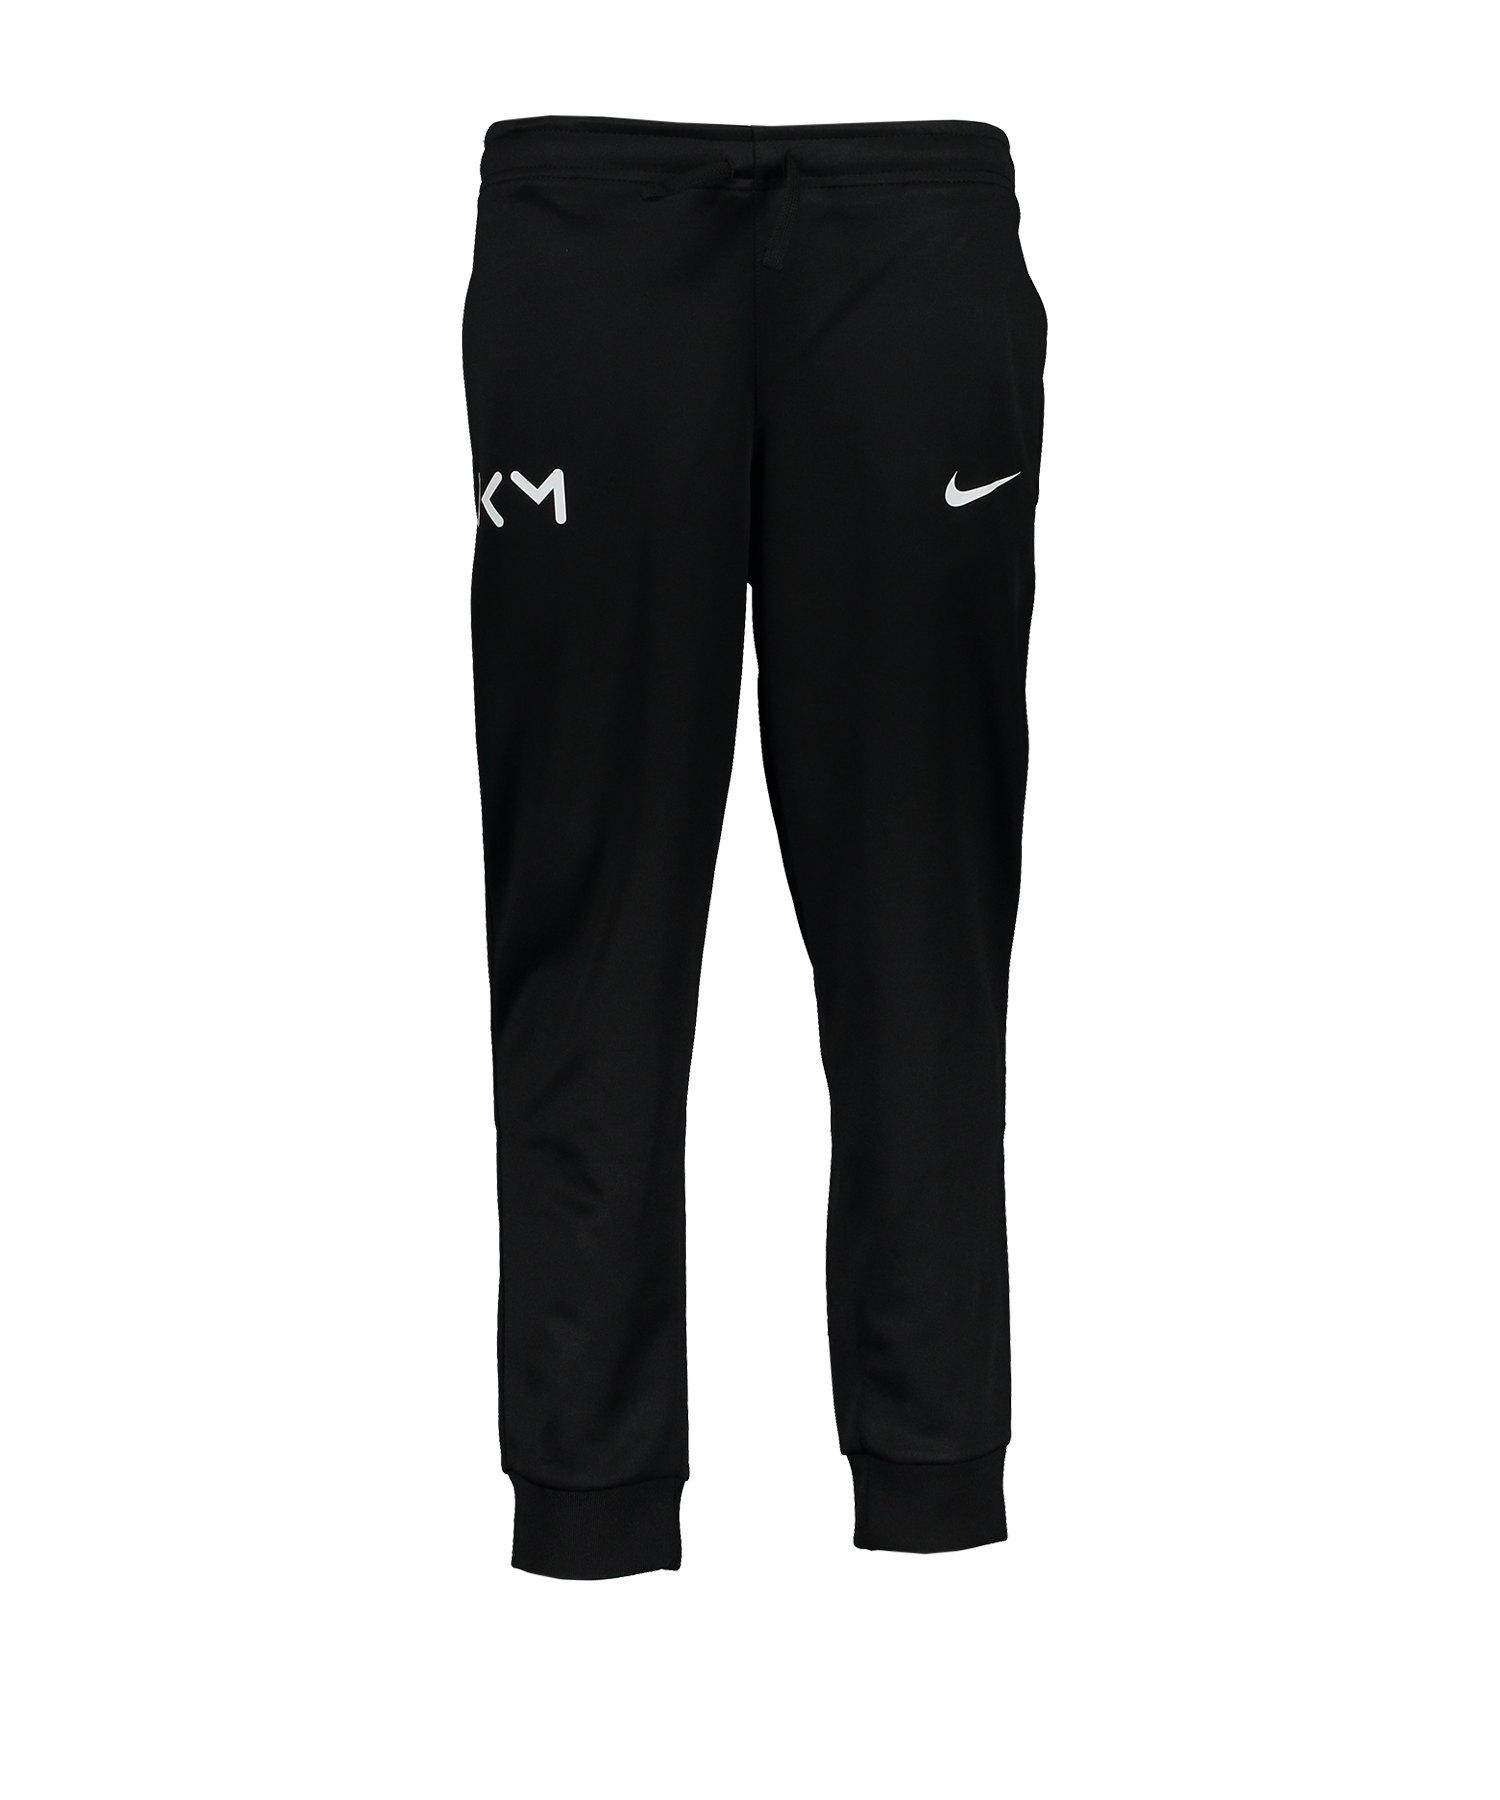 Nike Trainingshose lang Kids Schwarz F010 - schwarz